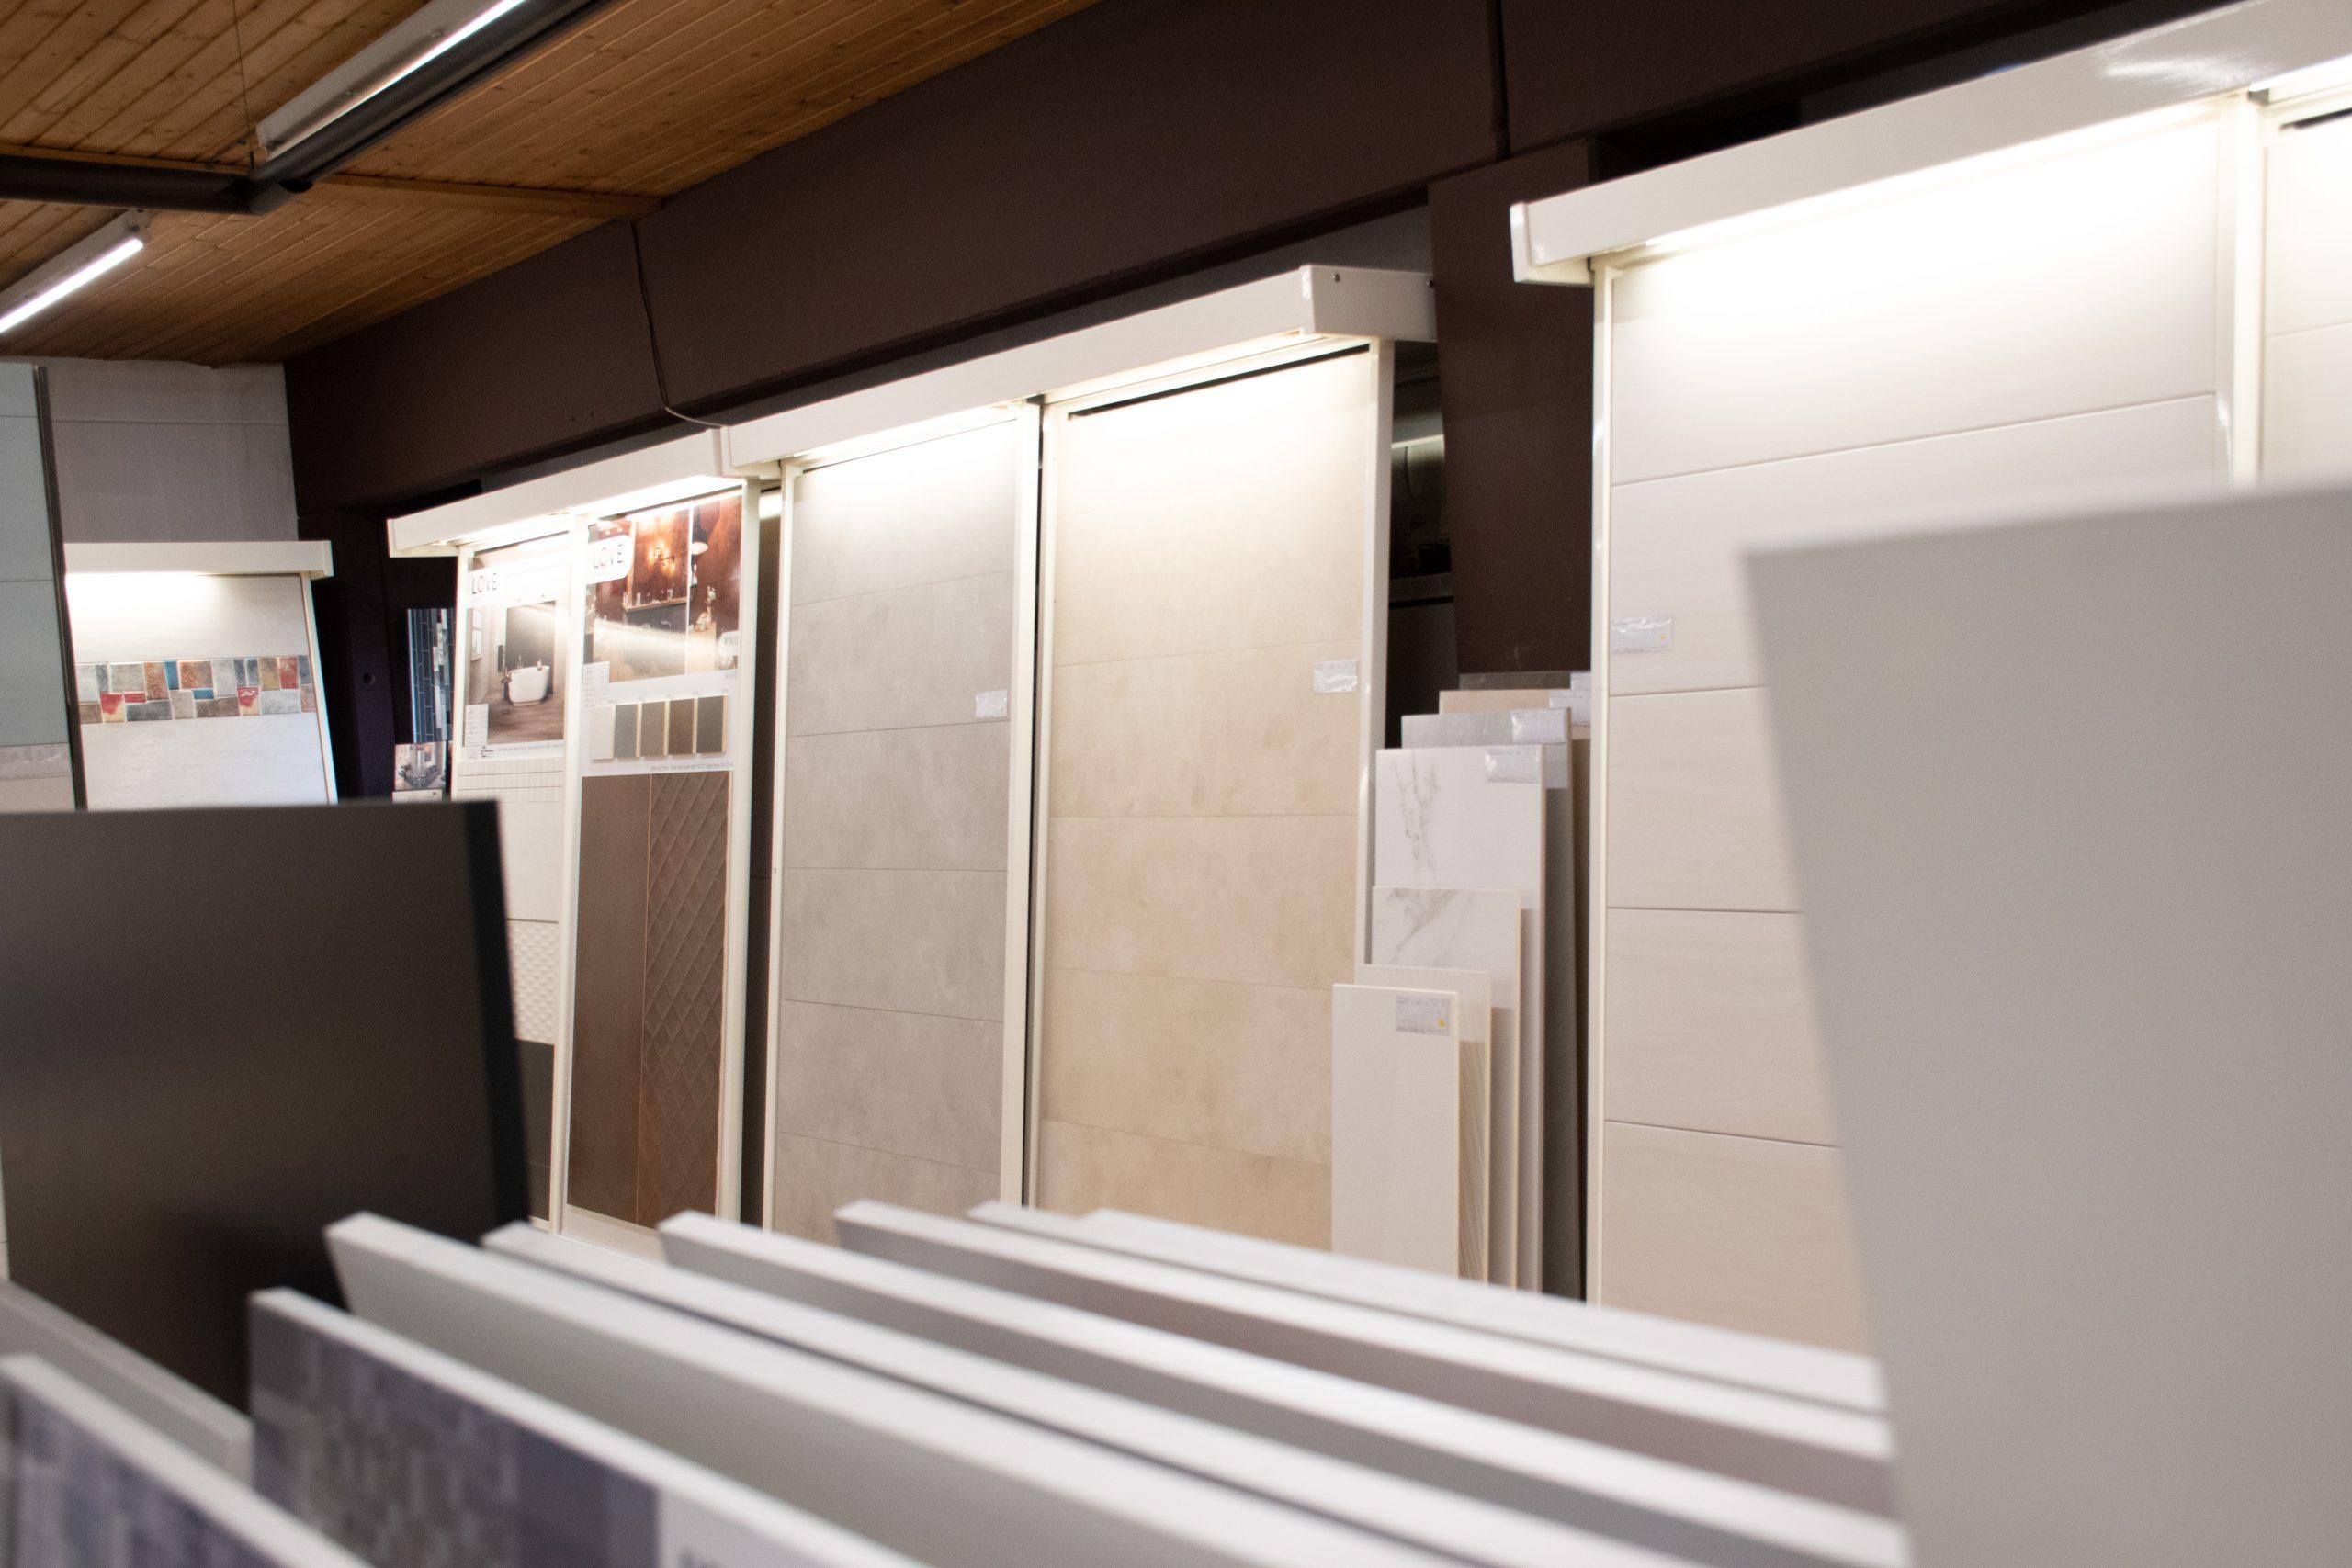 Unsere Ausstellung Fliesen Auer Straubing